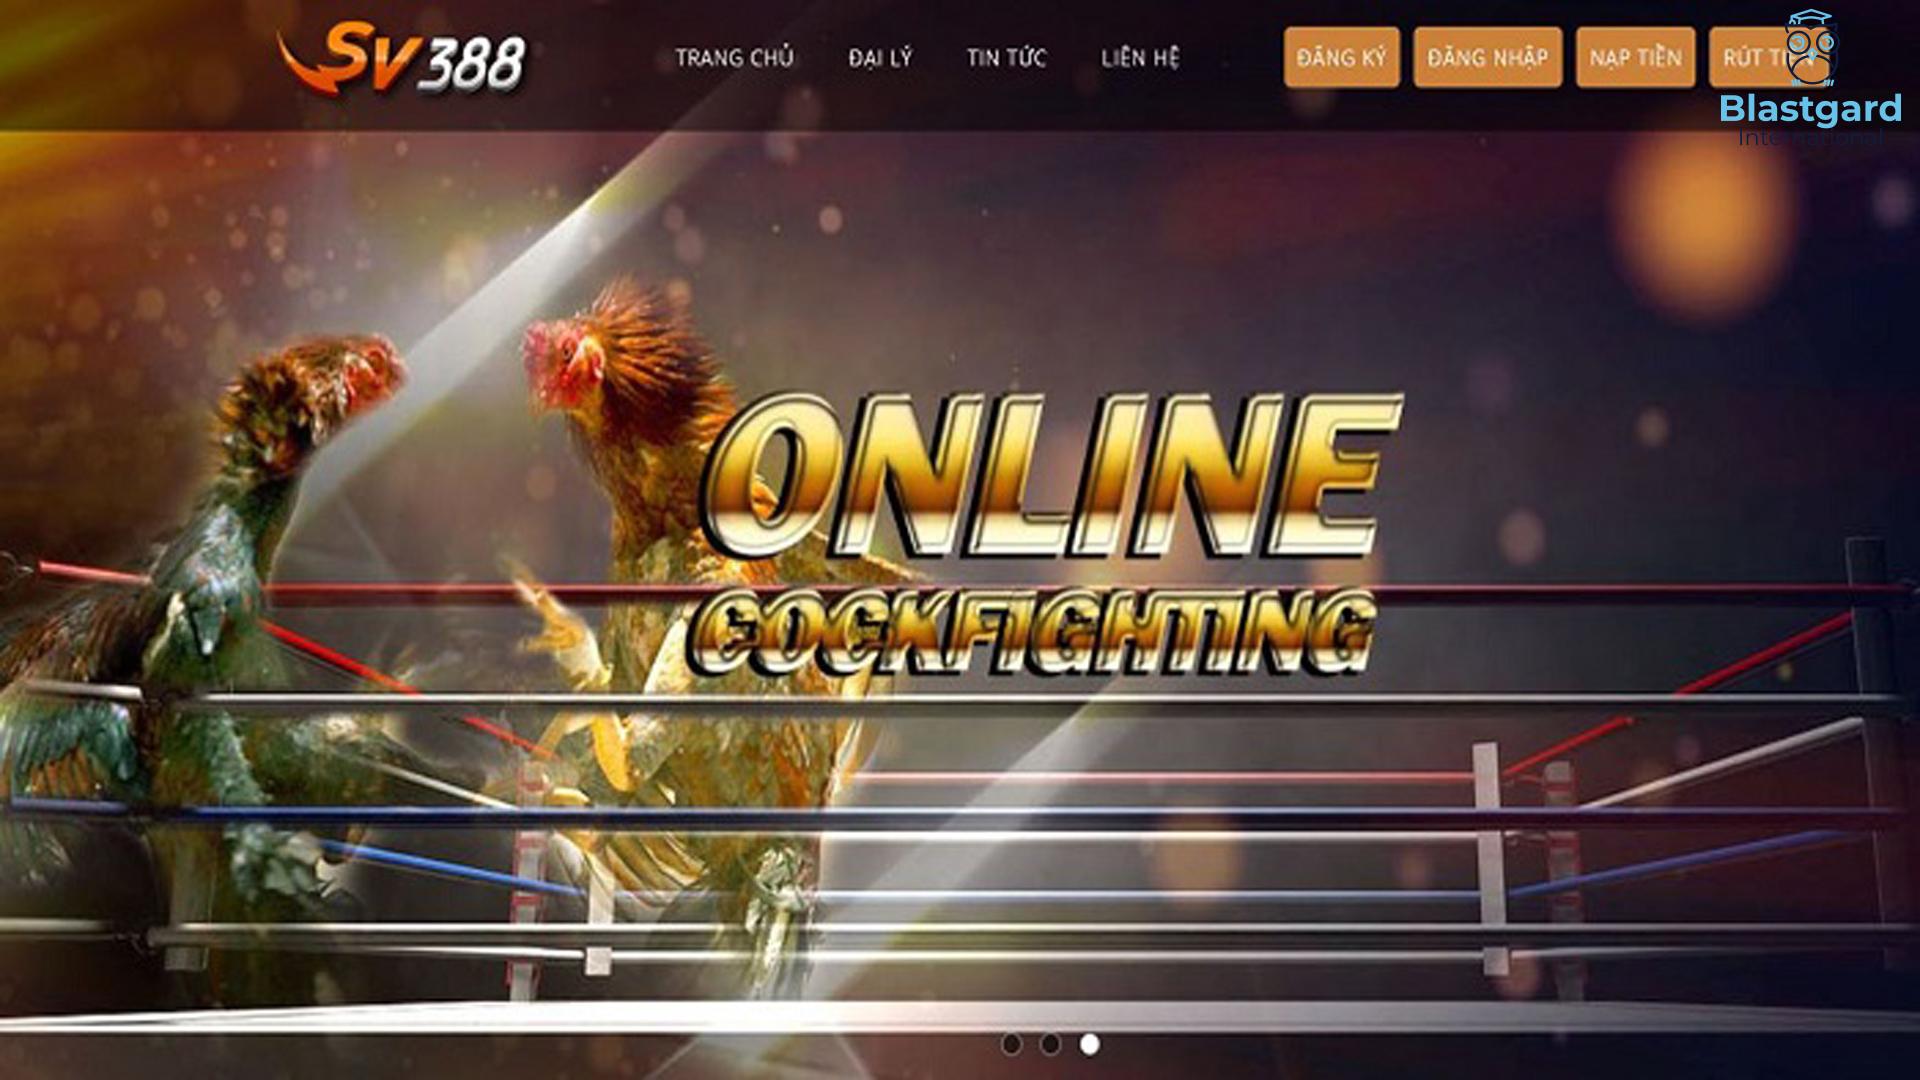 Link đăng ký đá gà SV388